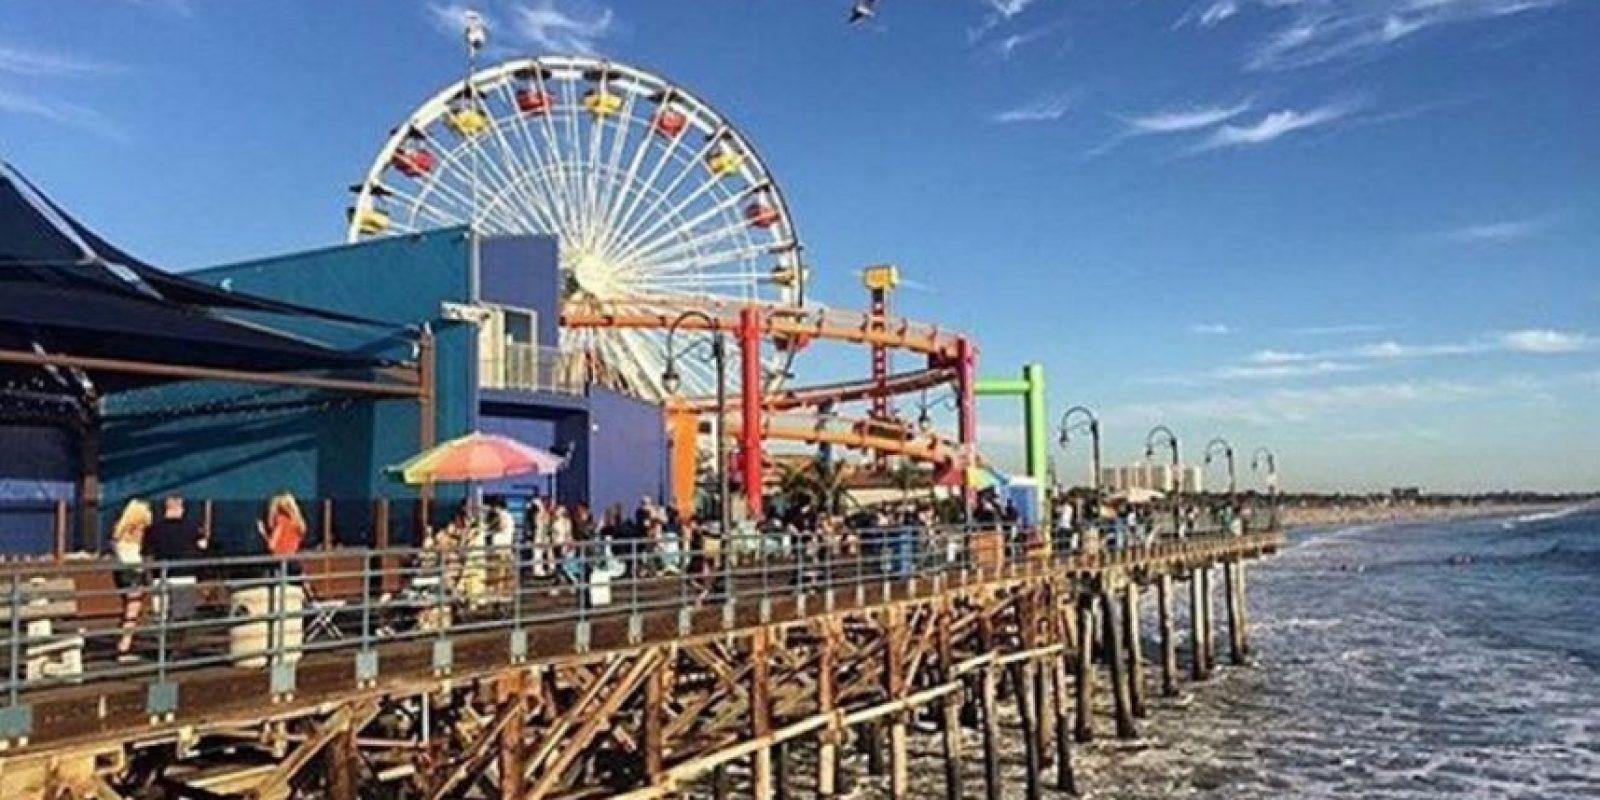 Puerto de Santa Mónica en Los Ángeles, California, Estados Unidos. Foto:vía instagram.com/veebiajakirifemme